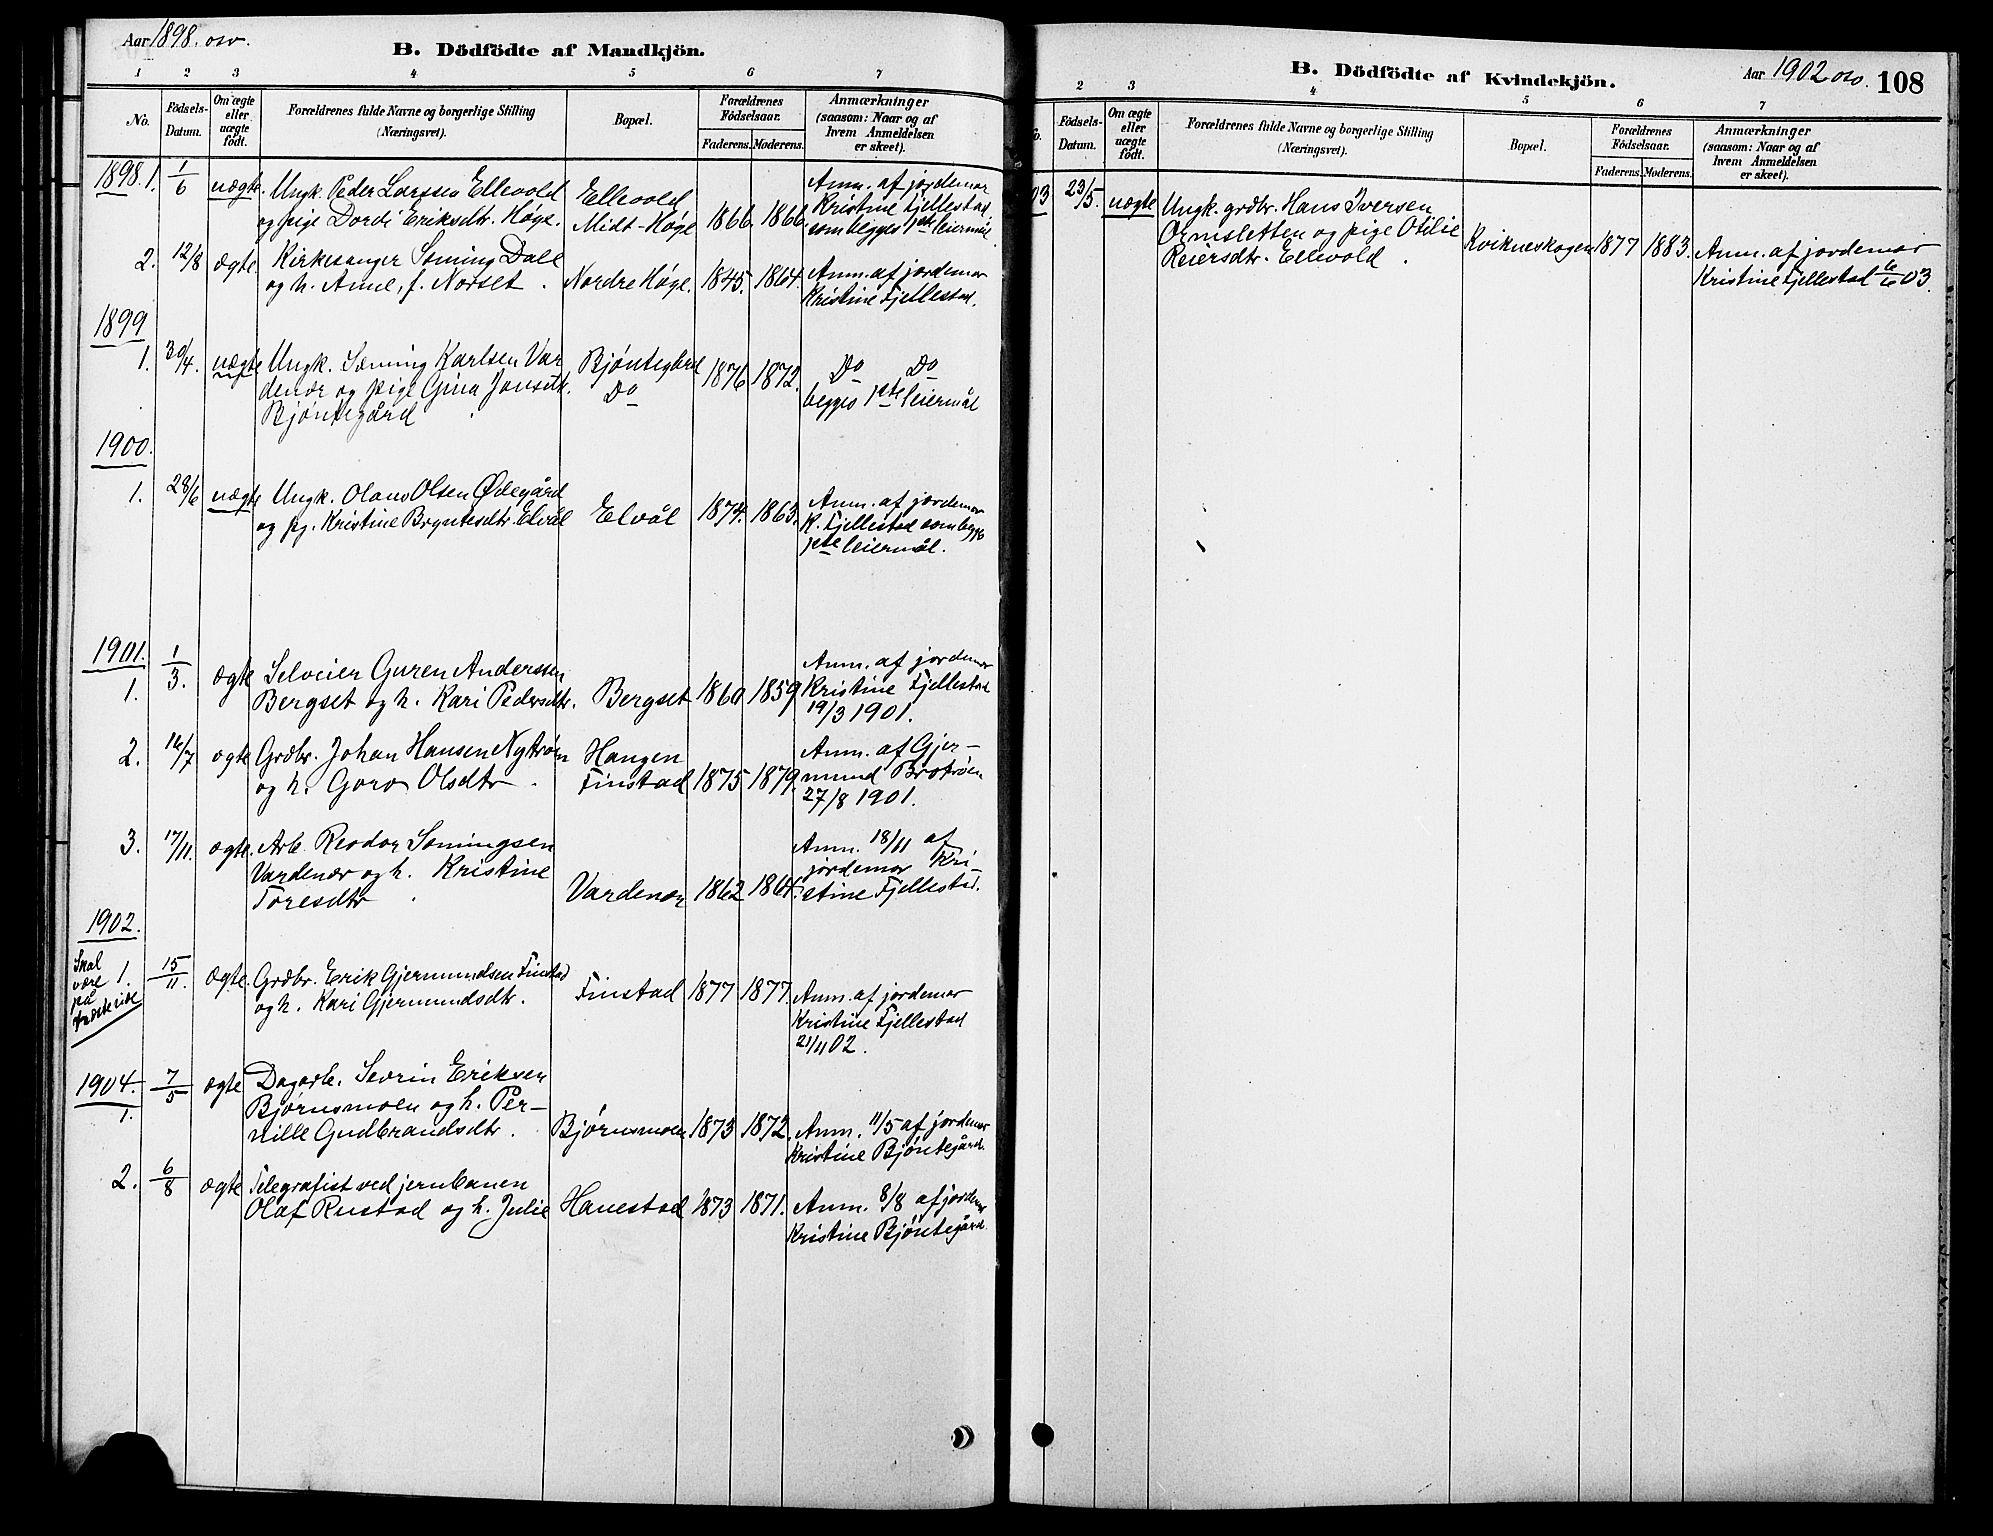 SAH, Rendalen prestekontor, H/Ha/Hab/L0003: Klokkerbok nr. 3, 1879-1904, s. 108